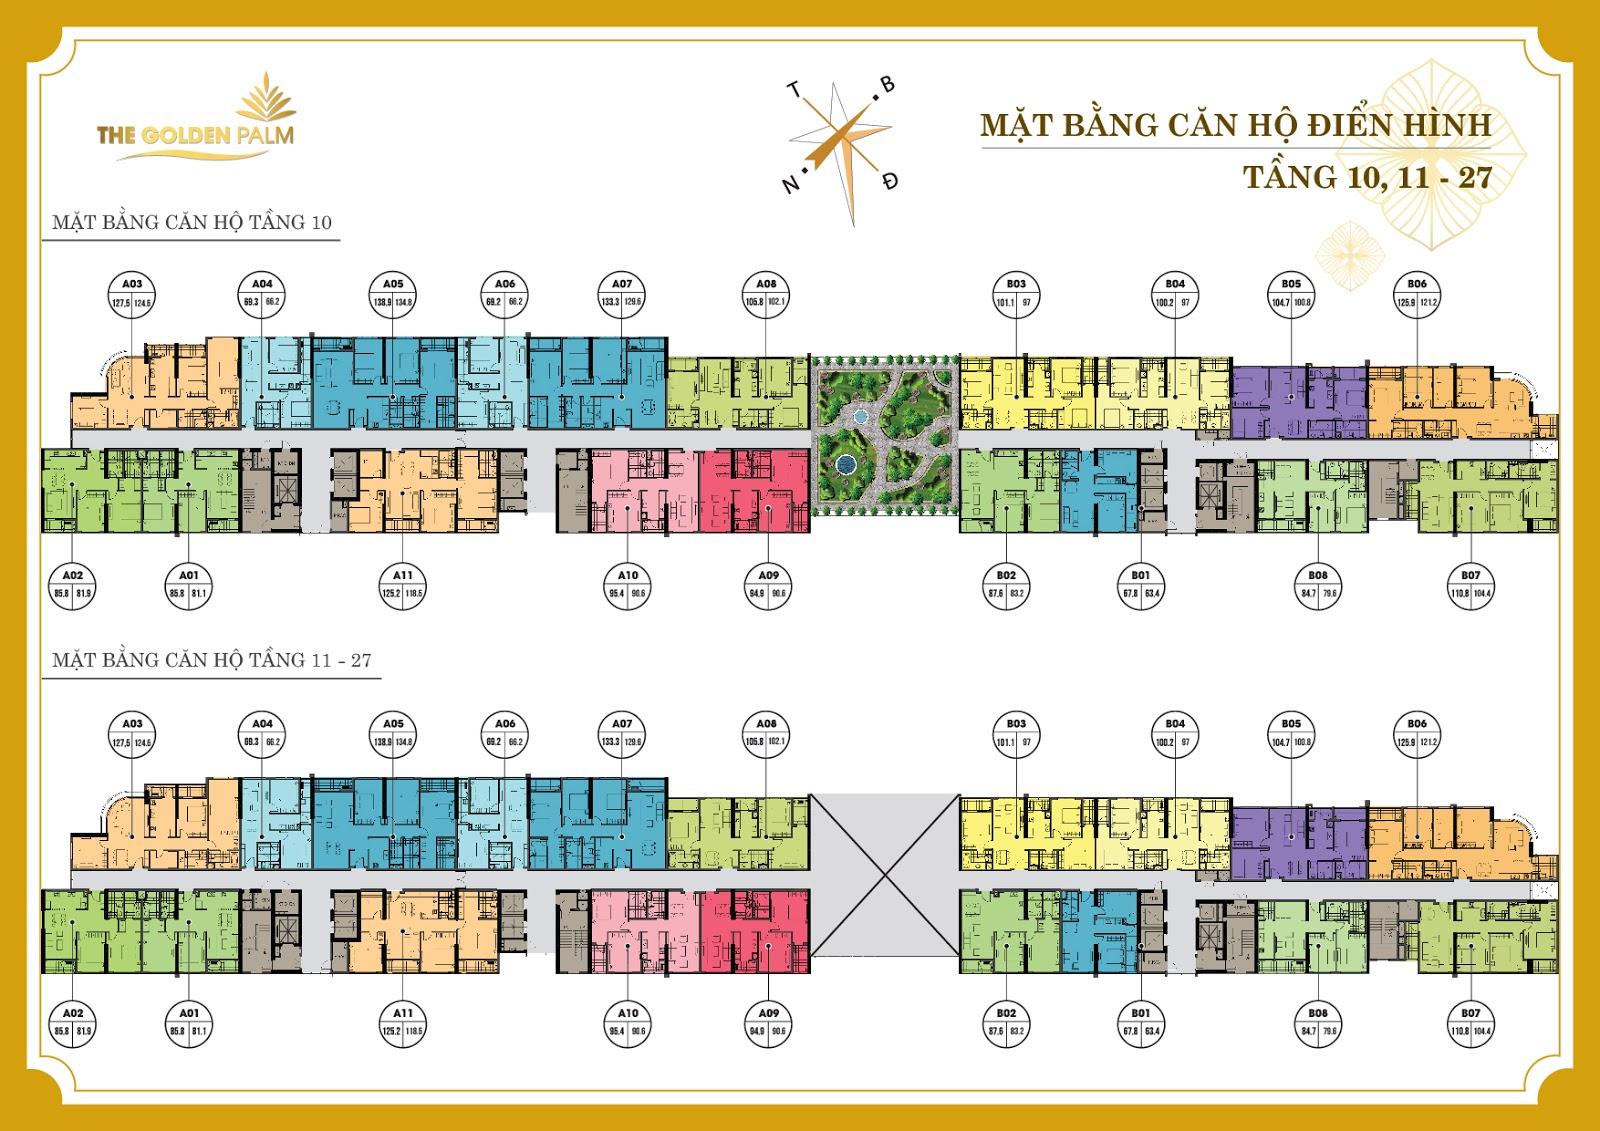 Mặt bằng tổng thể dự án The Golden Palm tầng 10-11-27